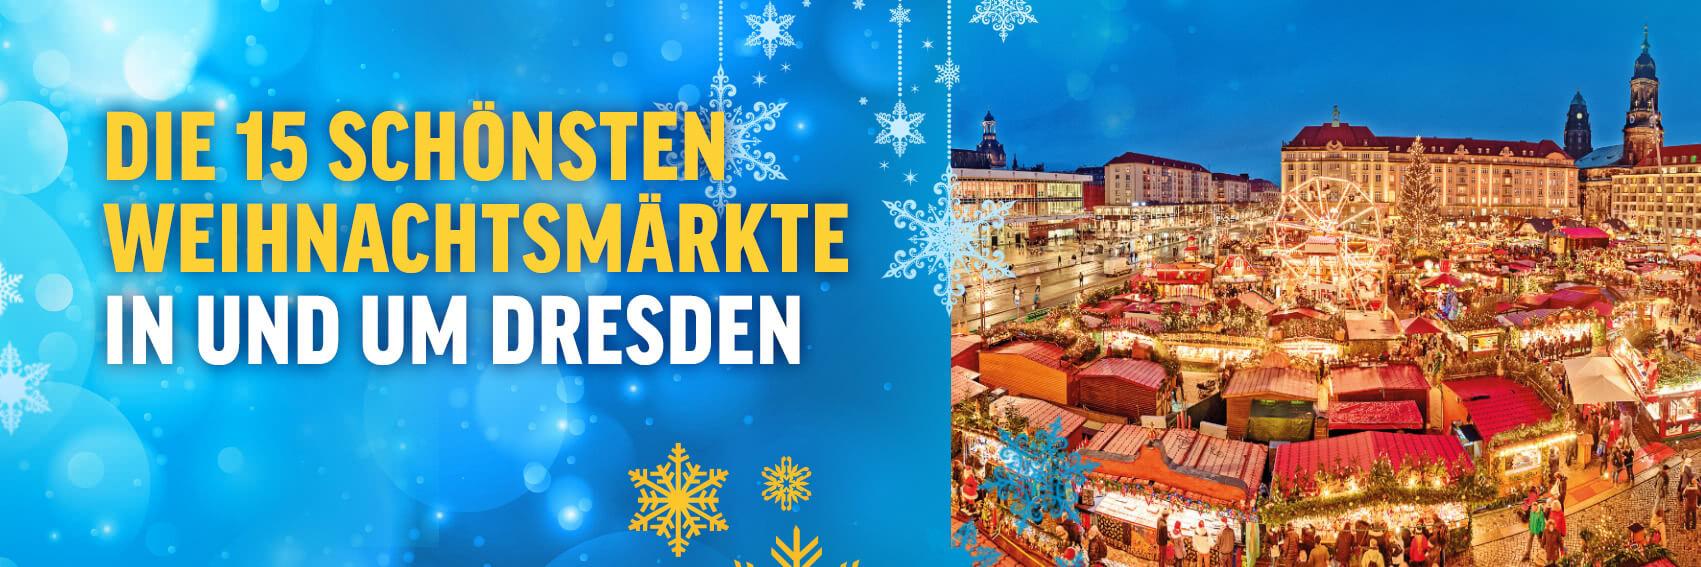 Die schönsten Weihnachtsmärkte in Dresden